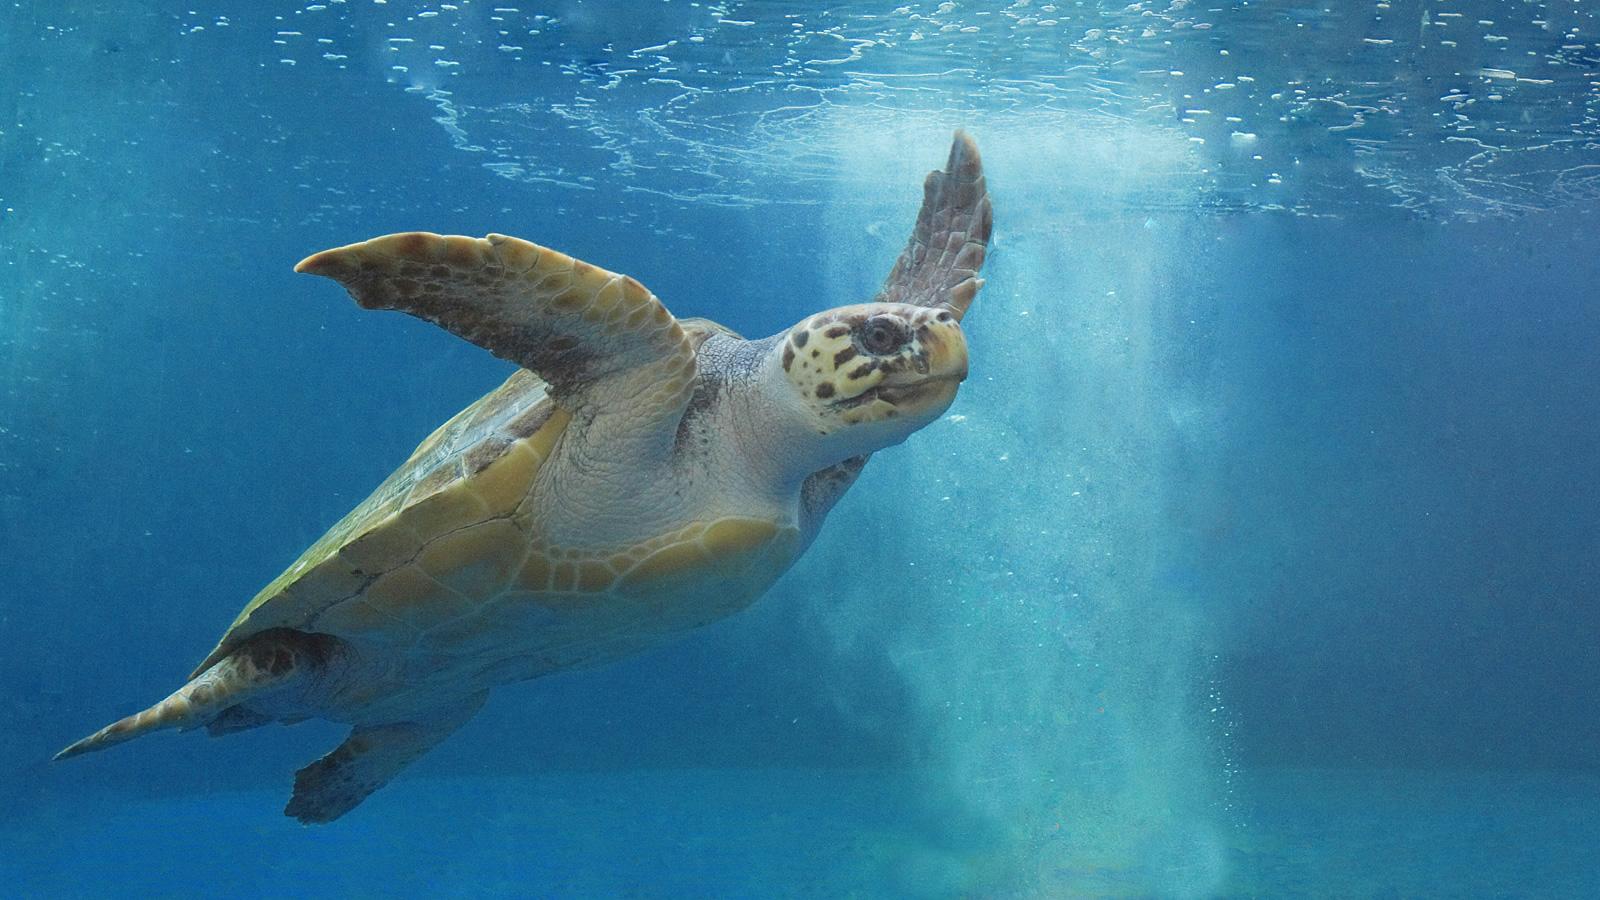 泳ぐウミガメの写真